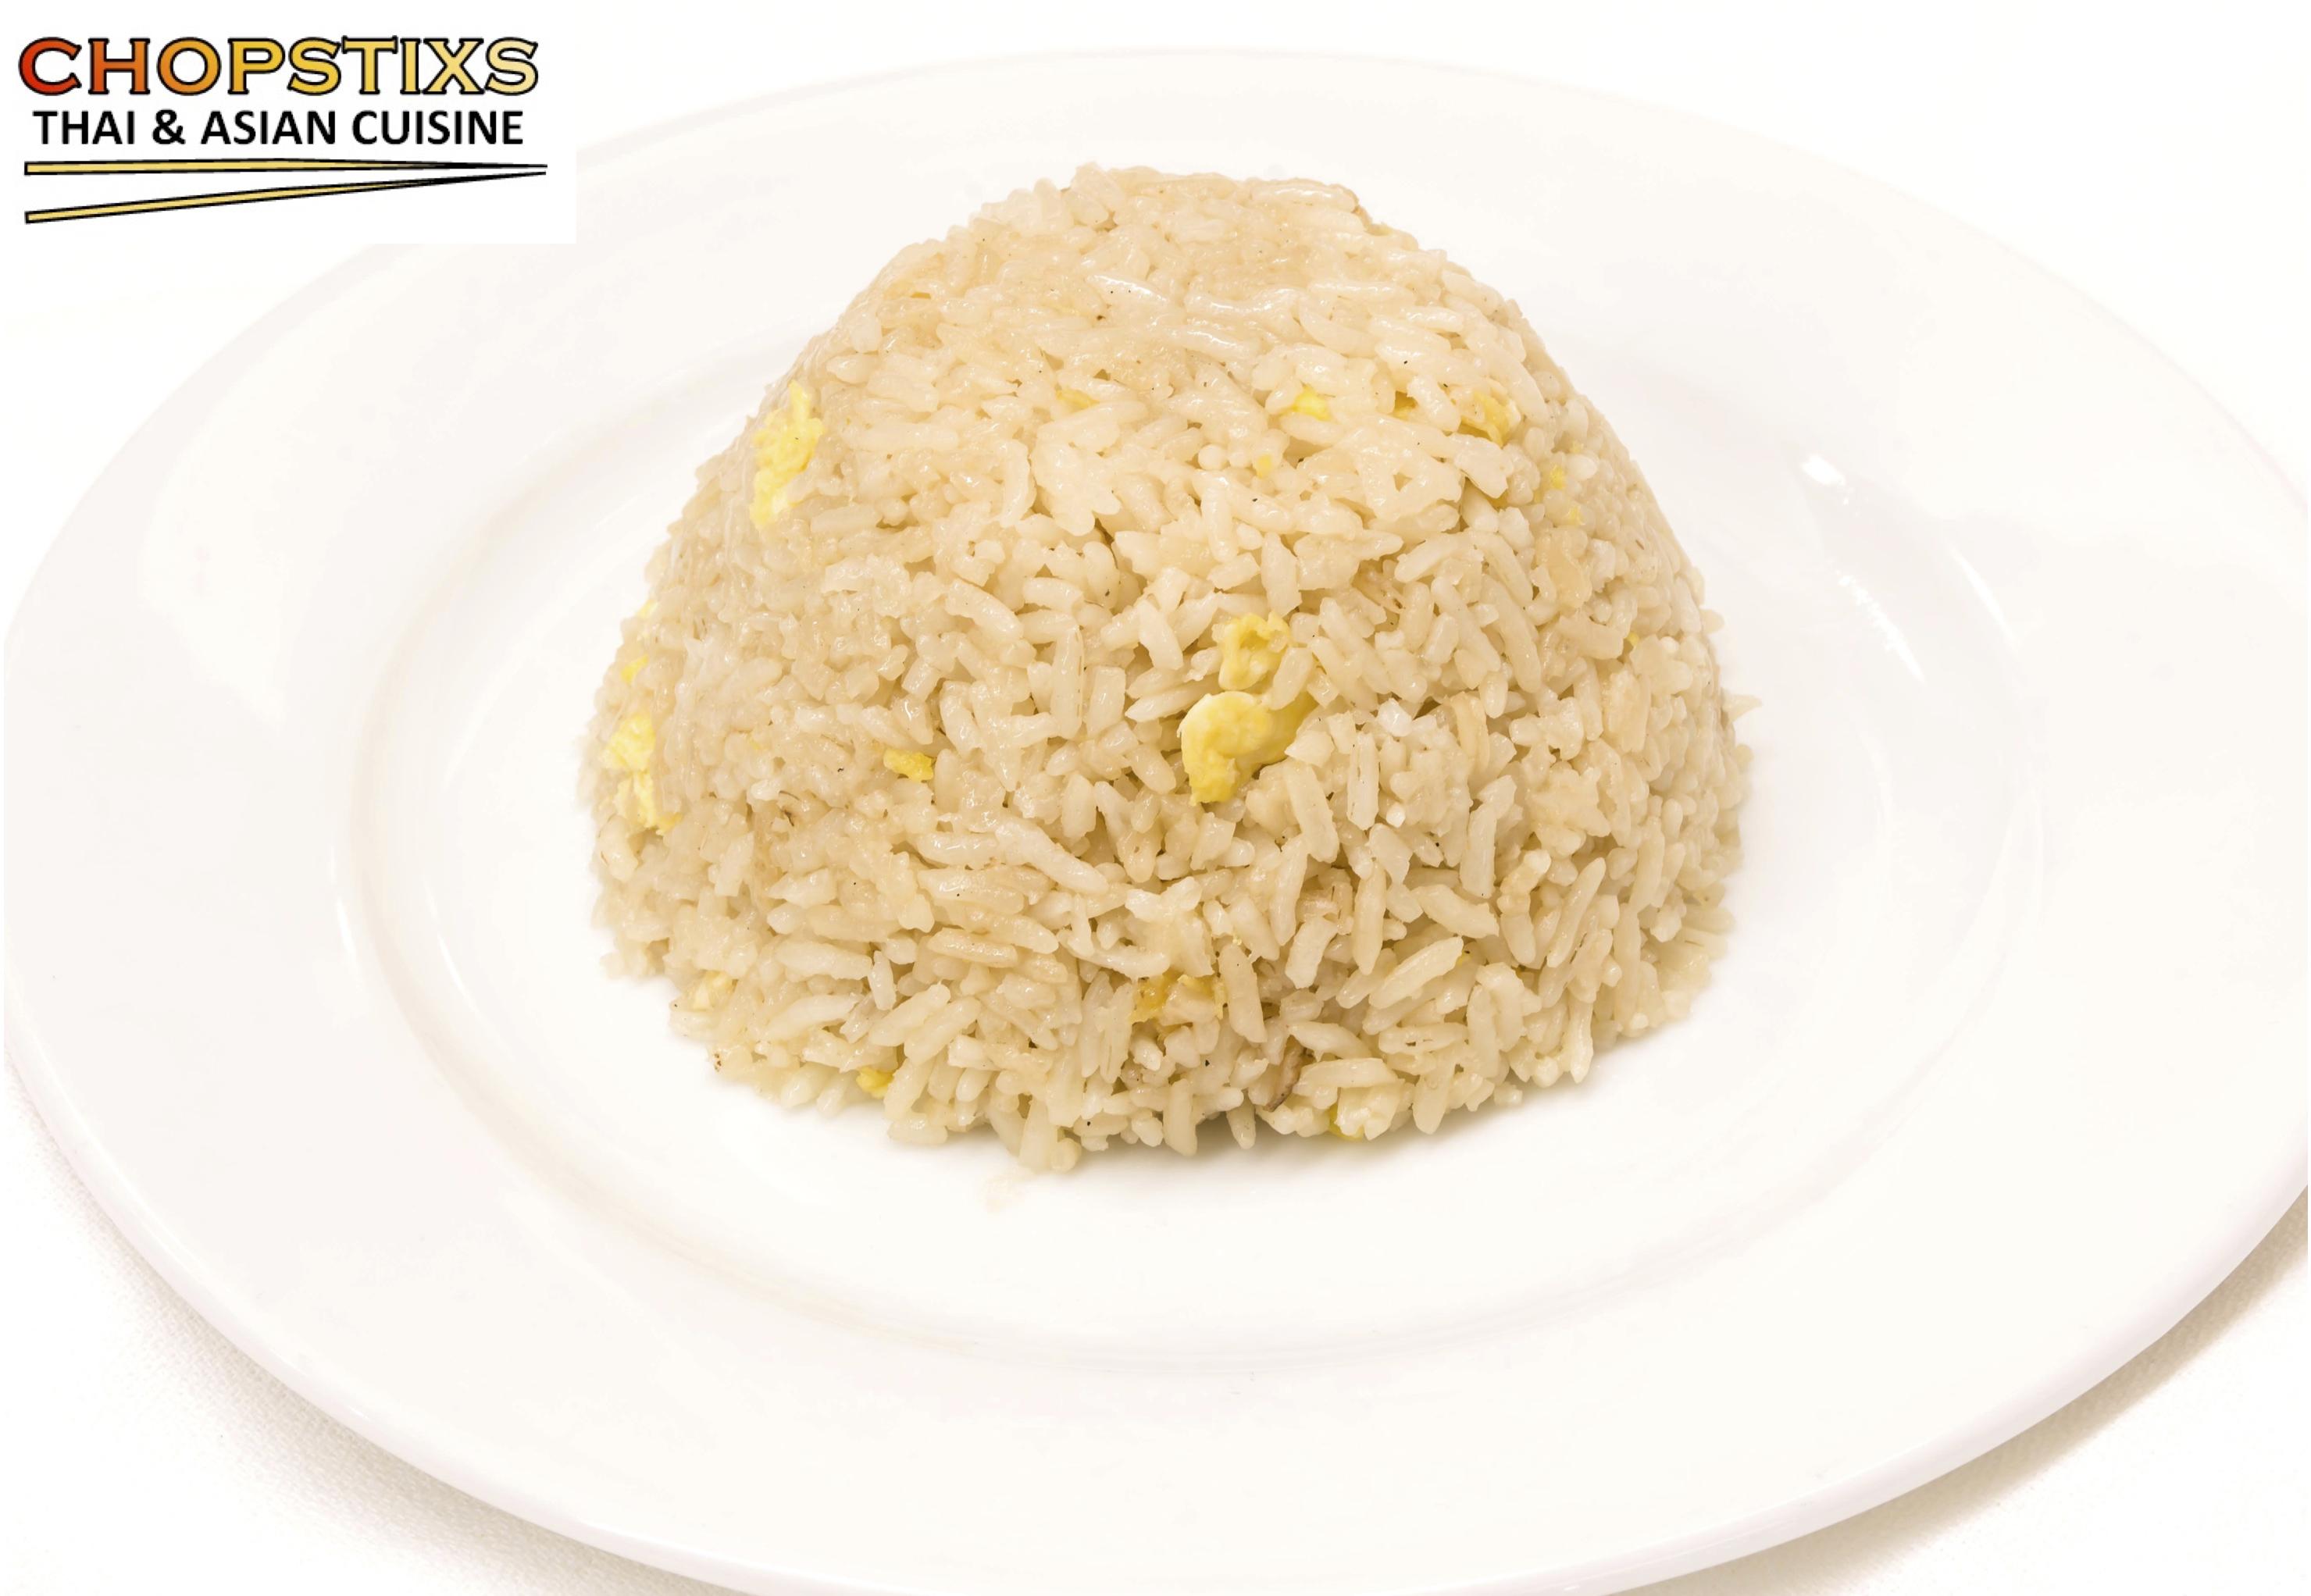 Plain Fried Rice Image